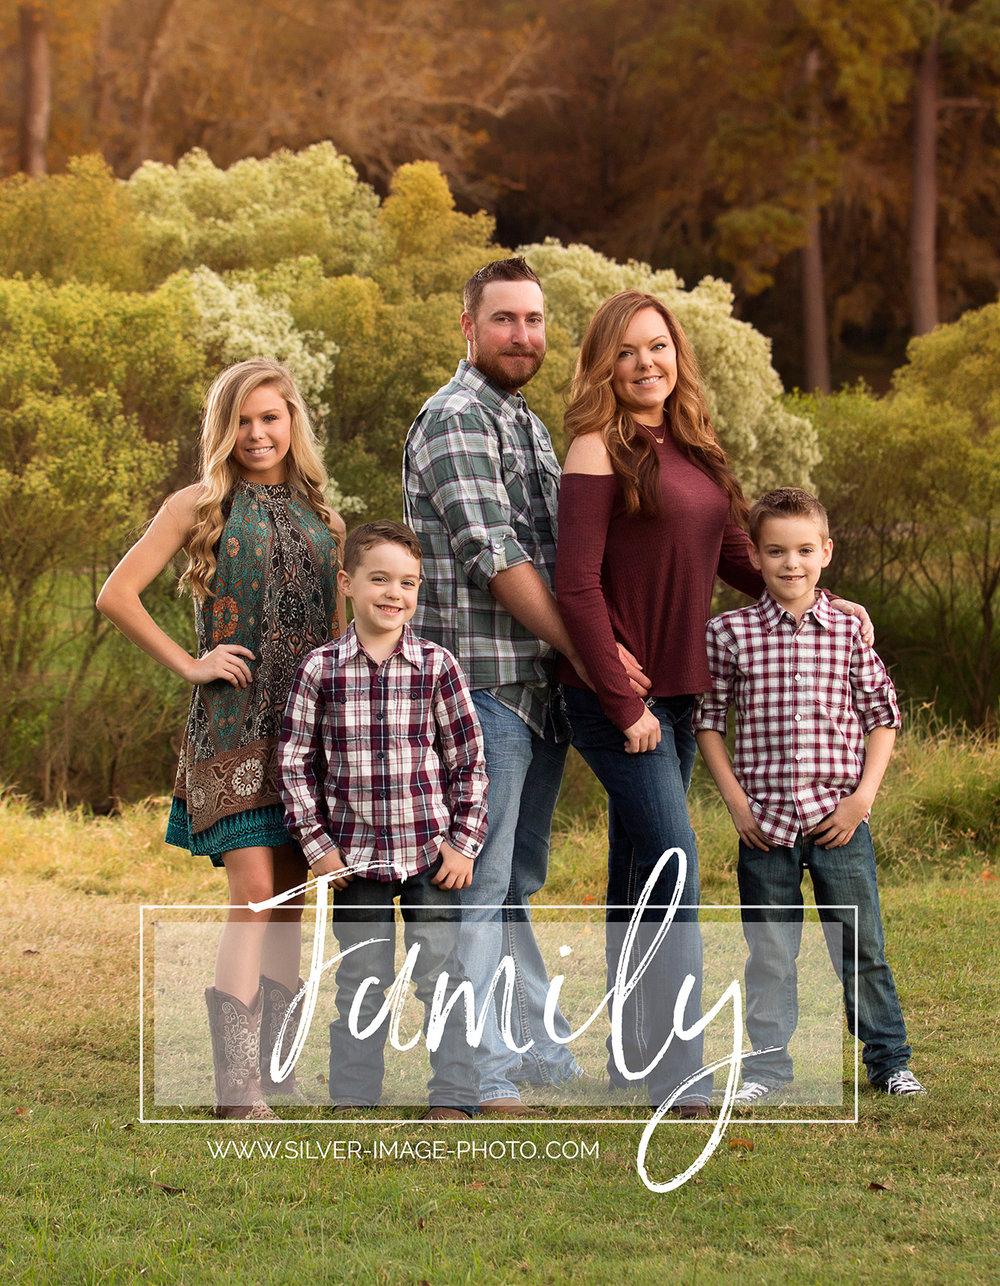 Family_00.jpg